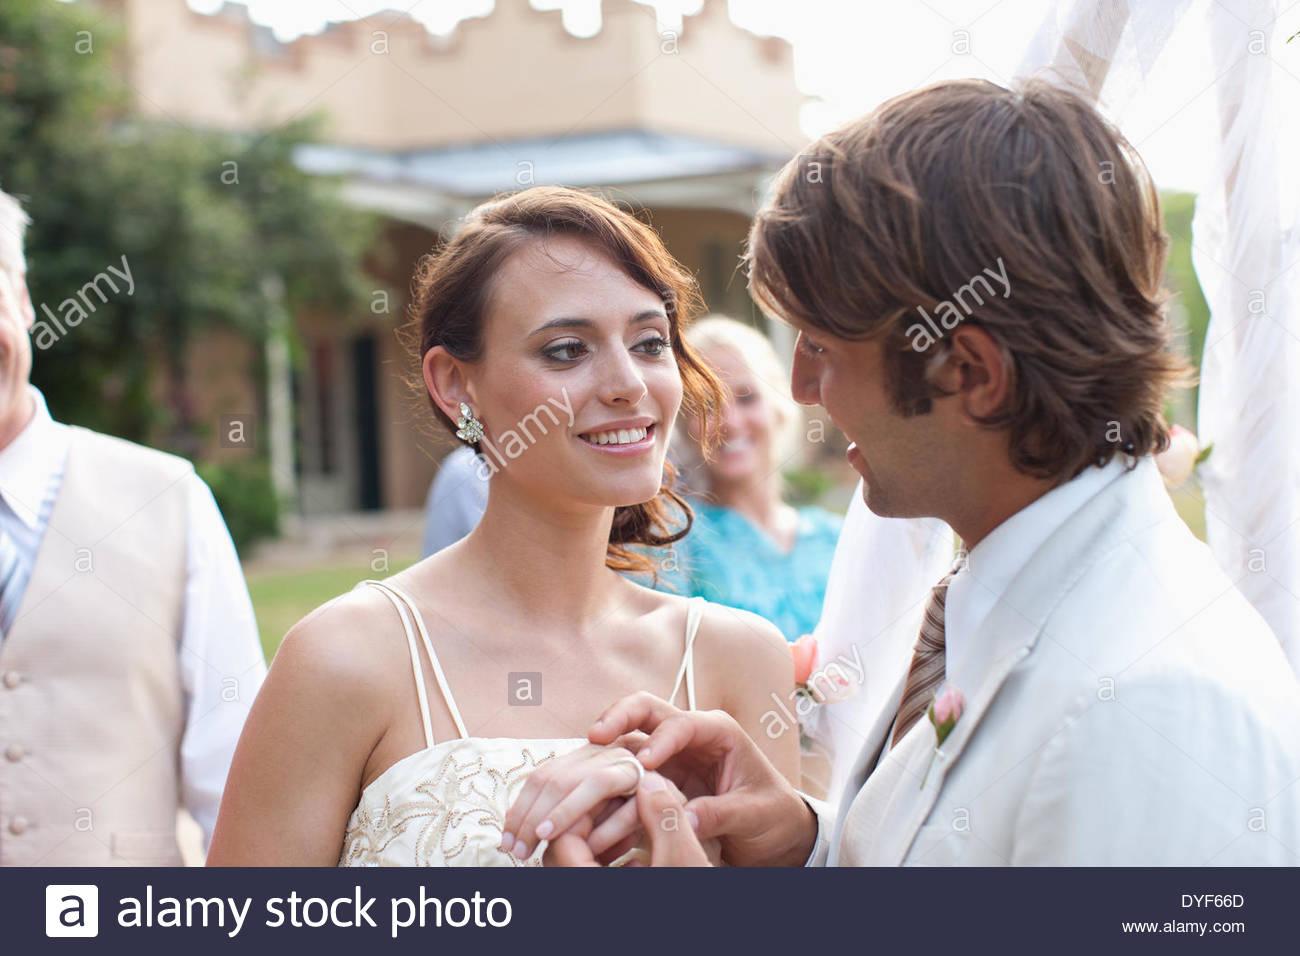 Groom mettant le doigt d'anneau sur bridePhoto Stock